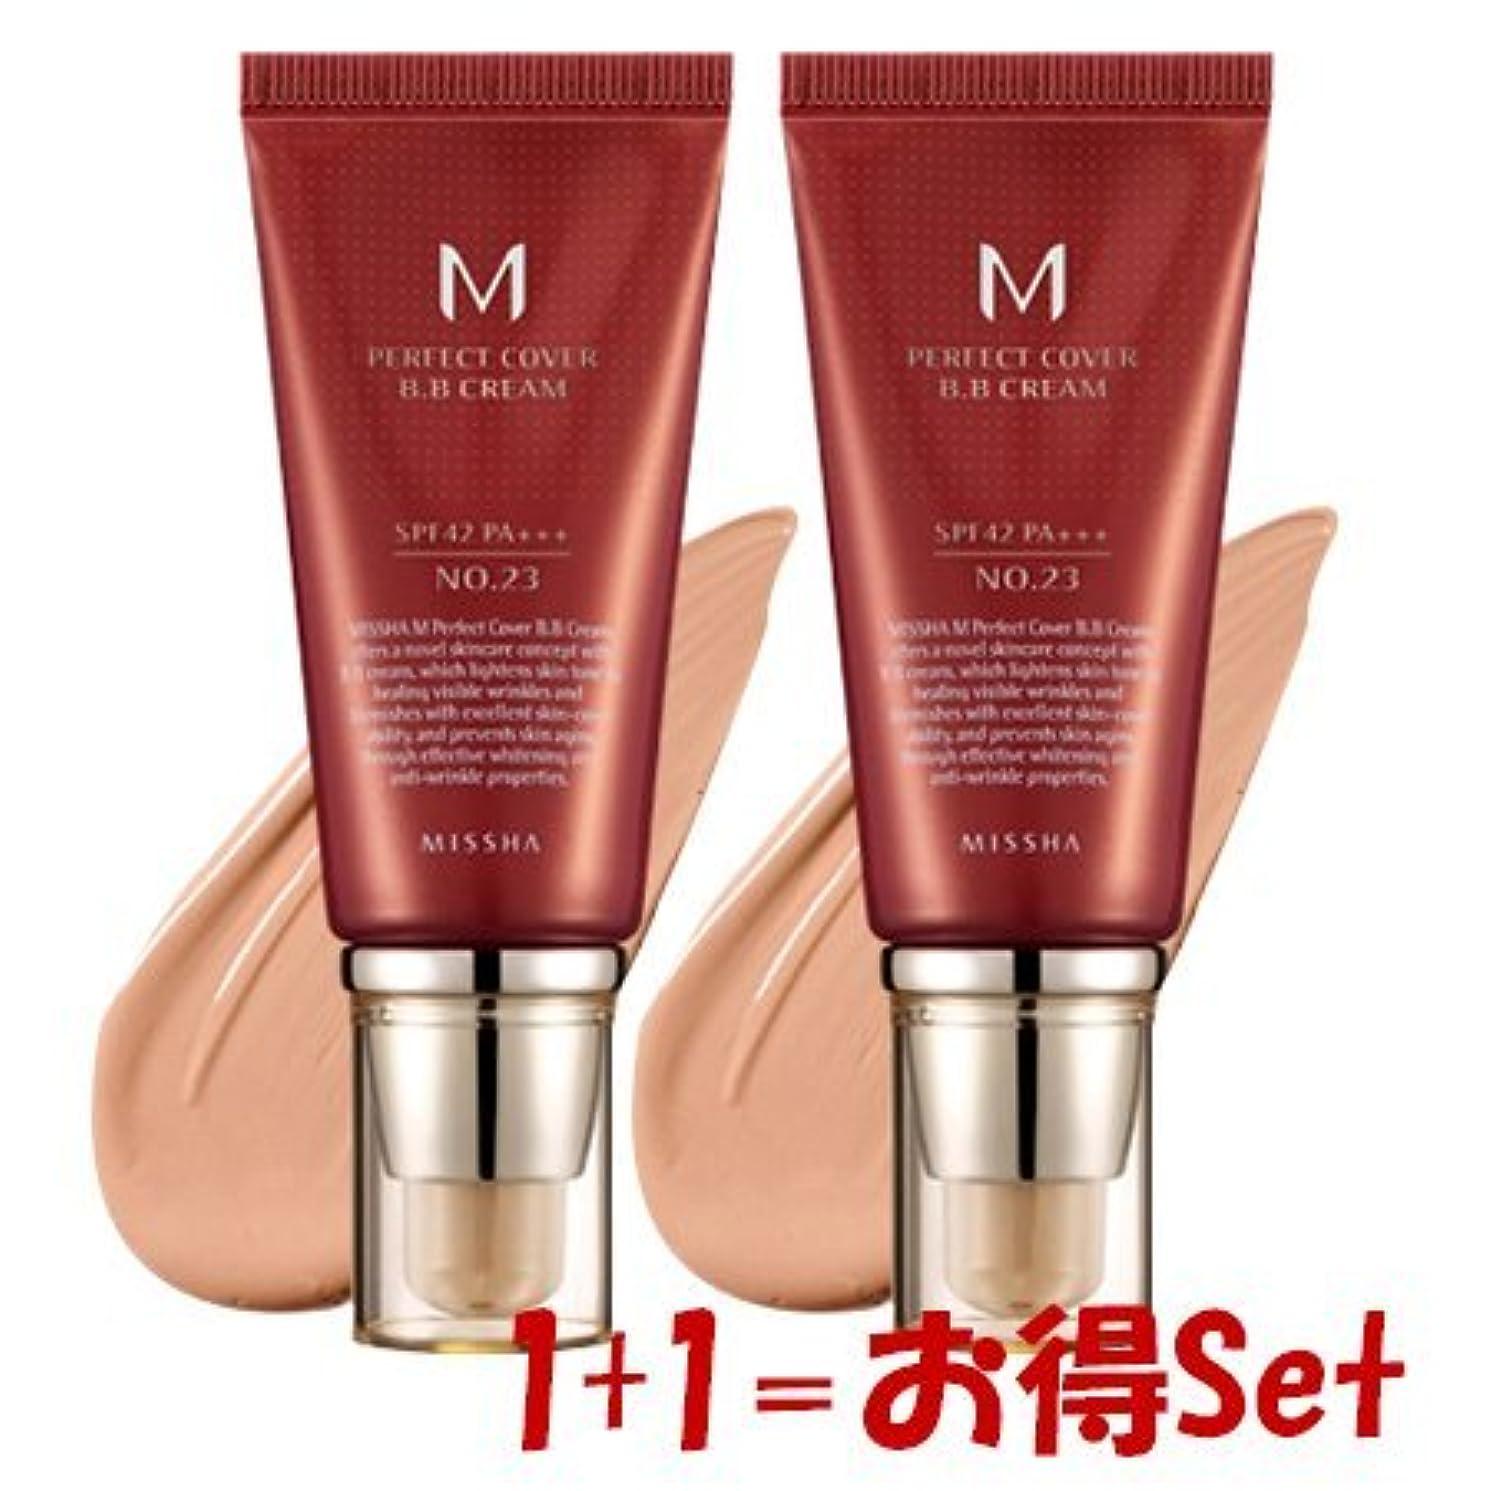 オーチャード会社上がるMISSHA(ミシャ) M Perfect Cover パーフェクトカバーBBクリーム 23号+23号(1+1=お得Set)